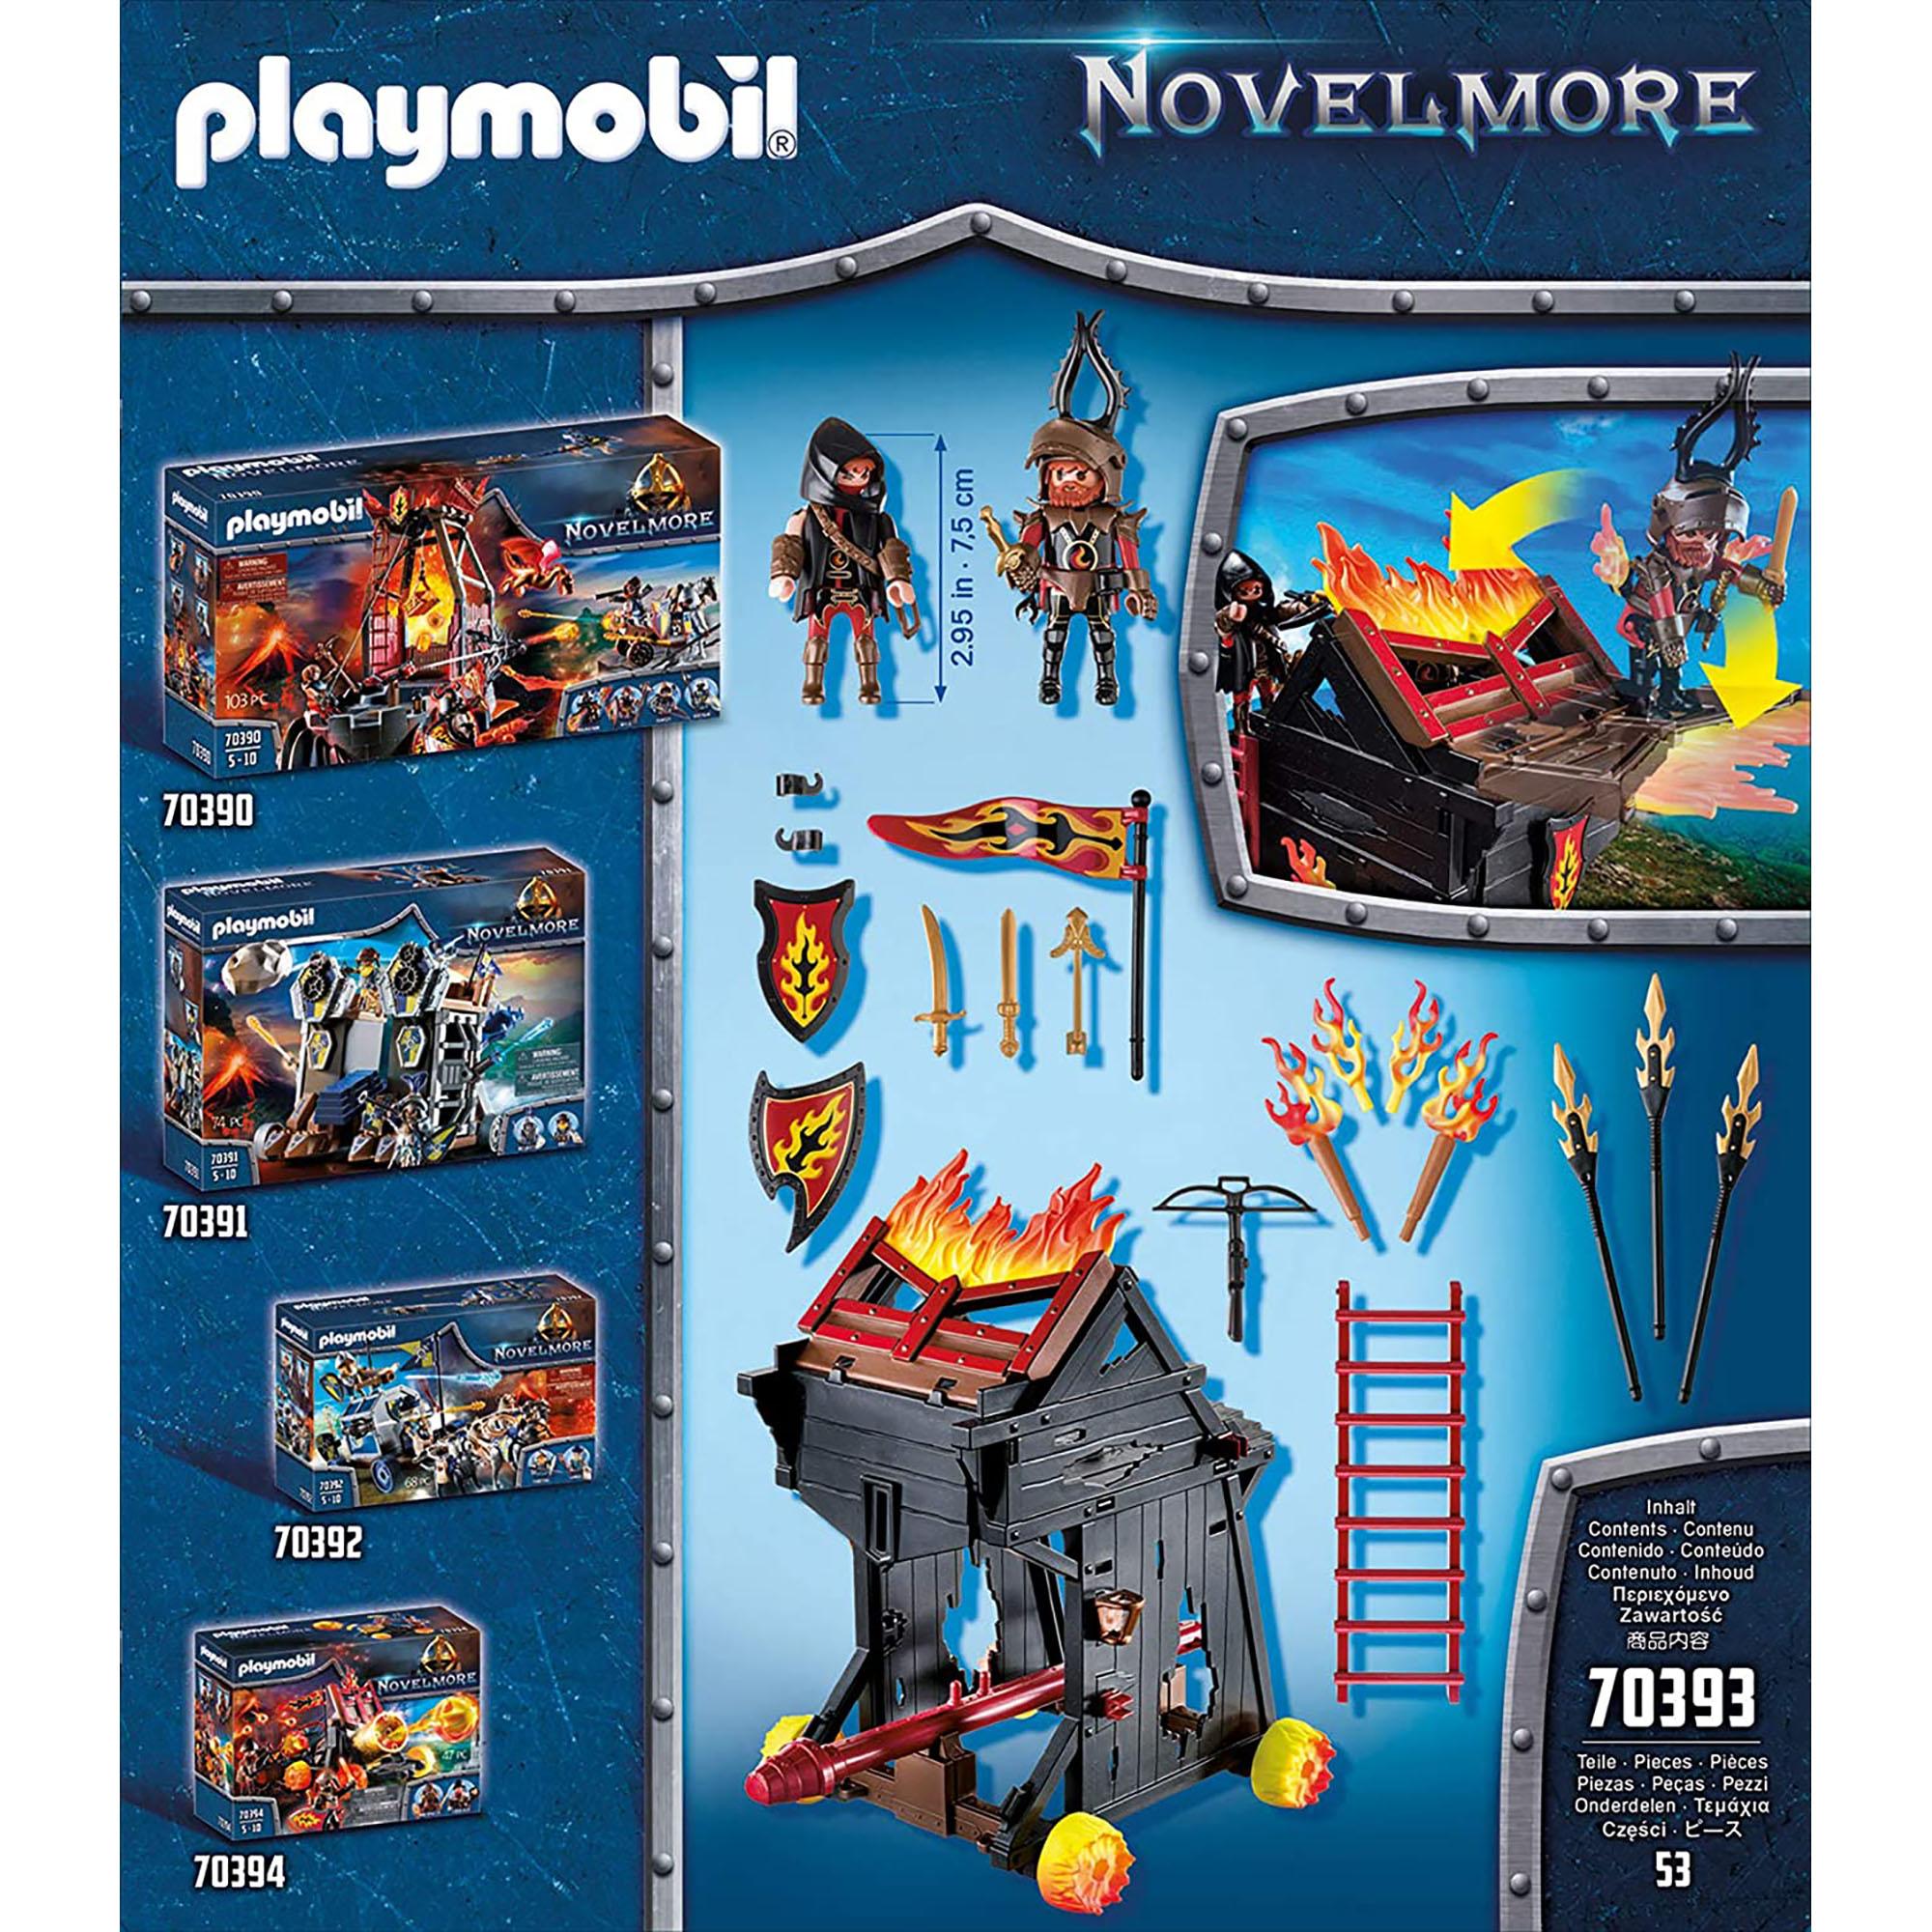 Banditi si berbec de foc playmobil novelmore - 1